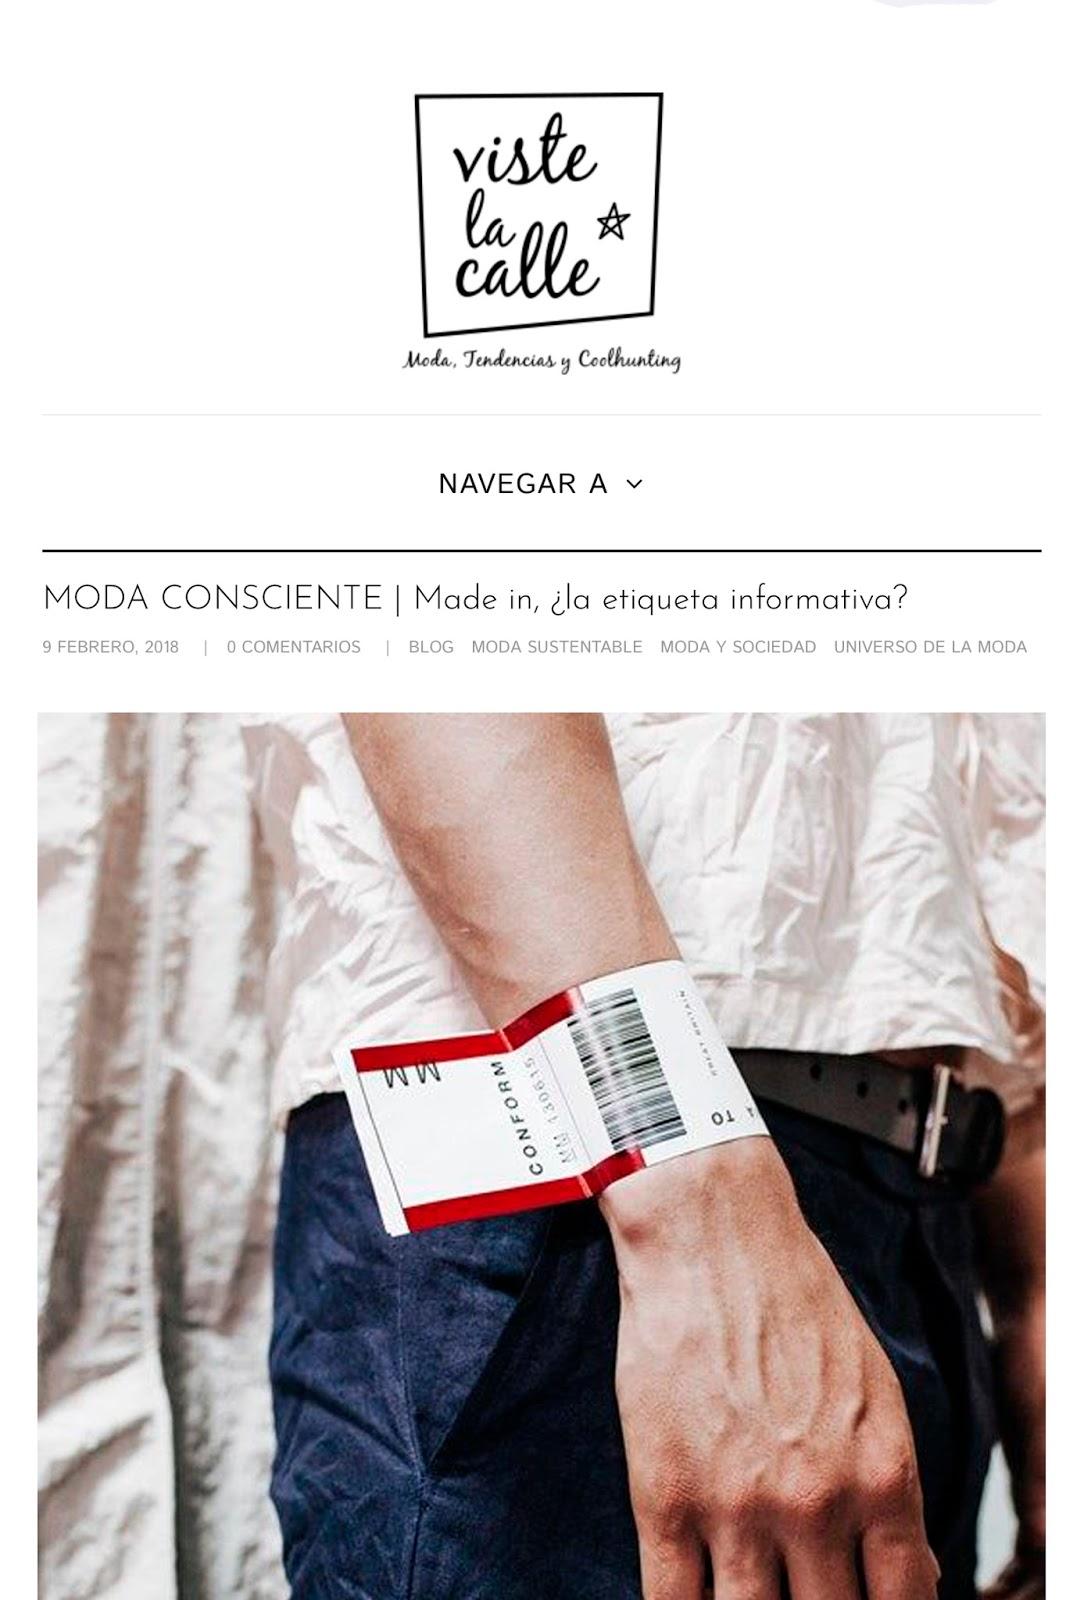 Moda Consciente en Chile - Pamela Victoria Columnista de Moda Cosnciente - Columnista de moda sustentable - Pamela Victoria columnista experta en Moda en Chile